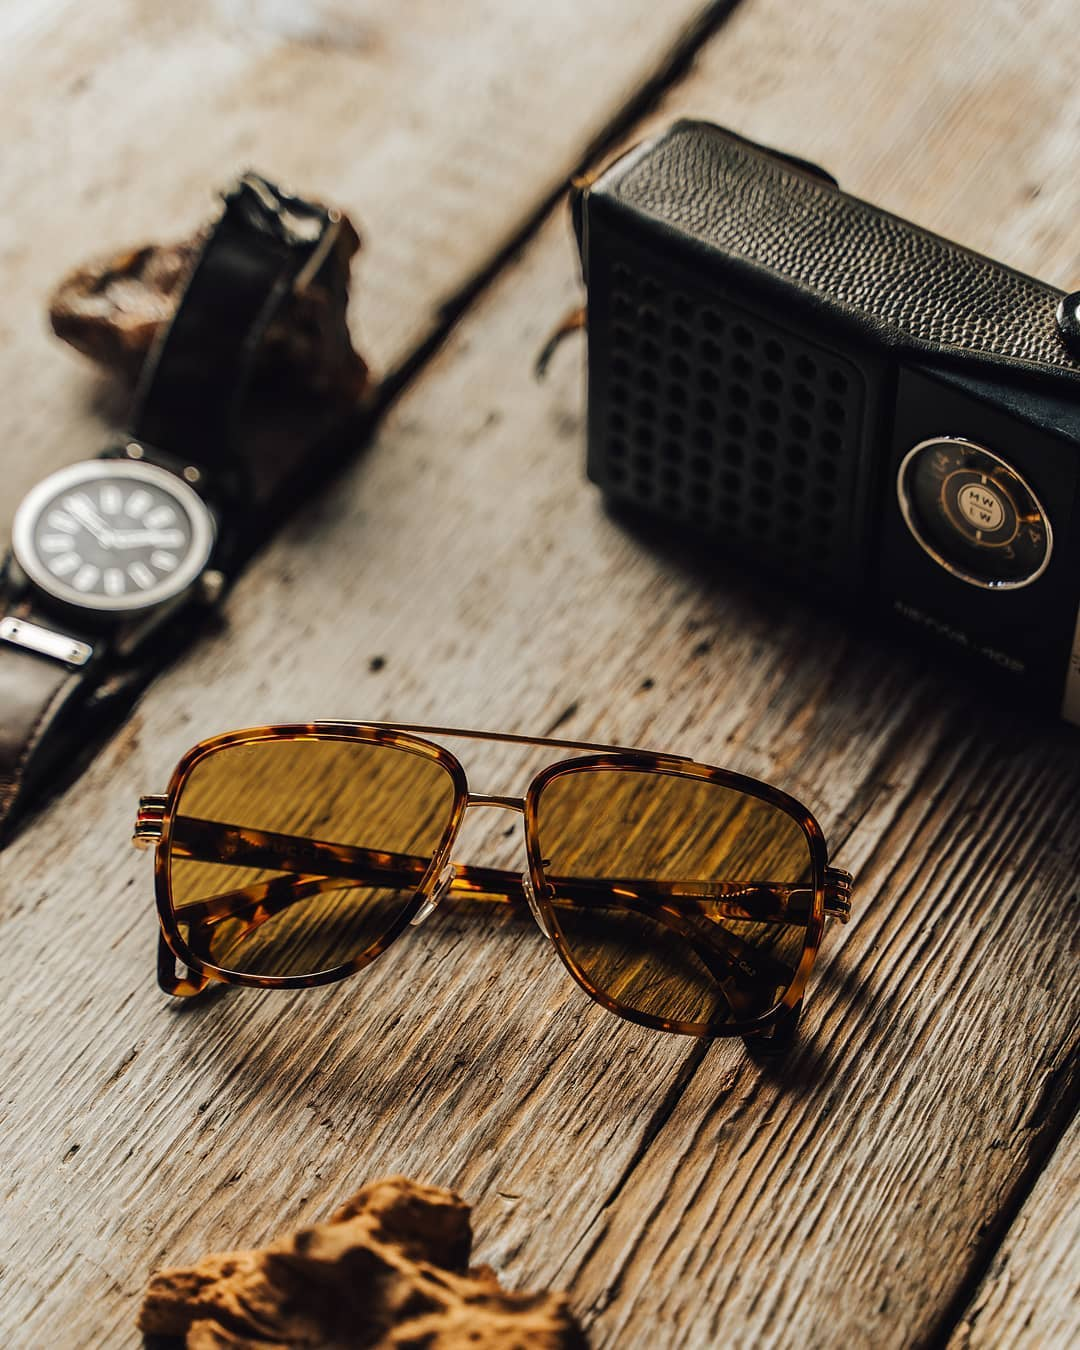 Italská značka #Gucci je jednou z módních ikon a příští rok bude oslavovat 100 let  Oživte svůj outfit slunečními brýlemi z jejich dílny a dopřejte si tak dotek luxusu a elegance  . . . . . #vasecocky #slunecnibryle #sunglasses #sunnies #sunglassesfashion #sunglasseslover #sunglassestrends #fashioneyewear #fashioninspiration #instaglasses